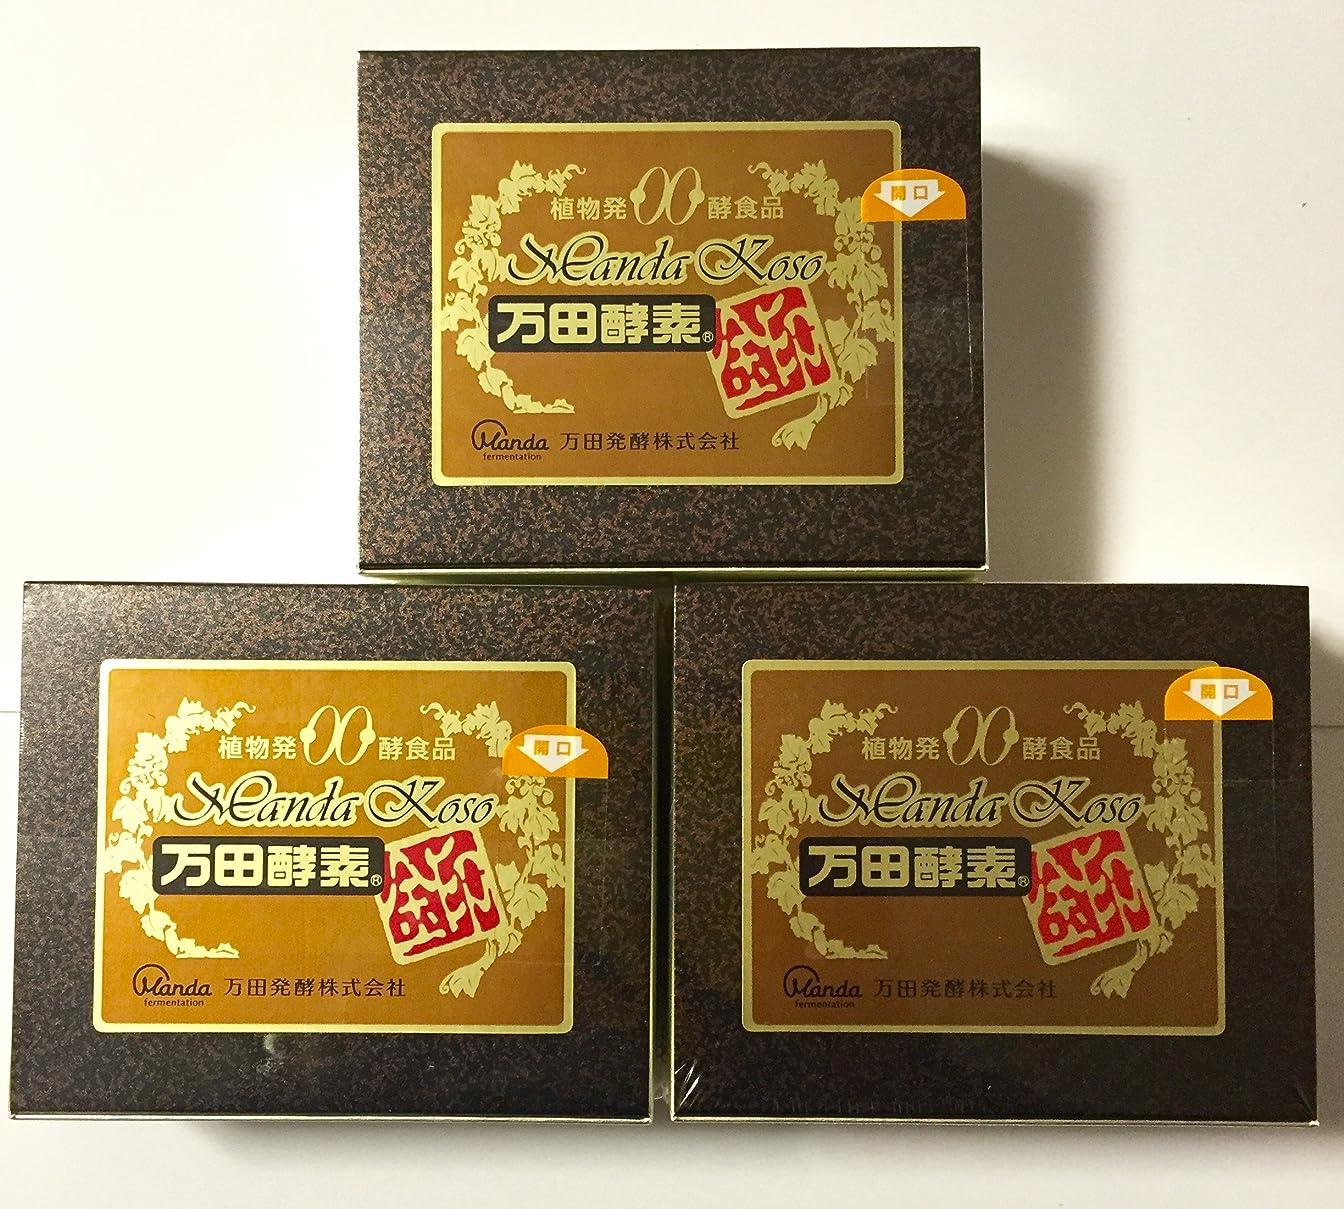 フェミニン夏プレーヤー万田酵素 【 金印 】 (150g)分包タイプ (2.5g×60包) 3箱セット